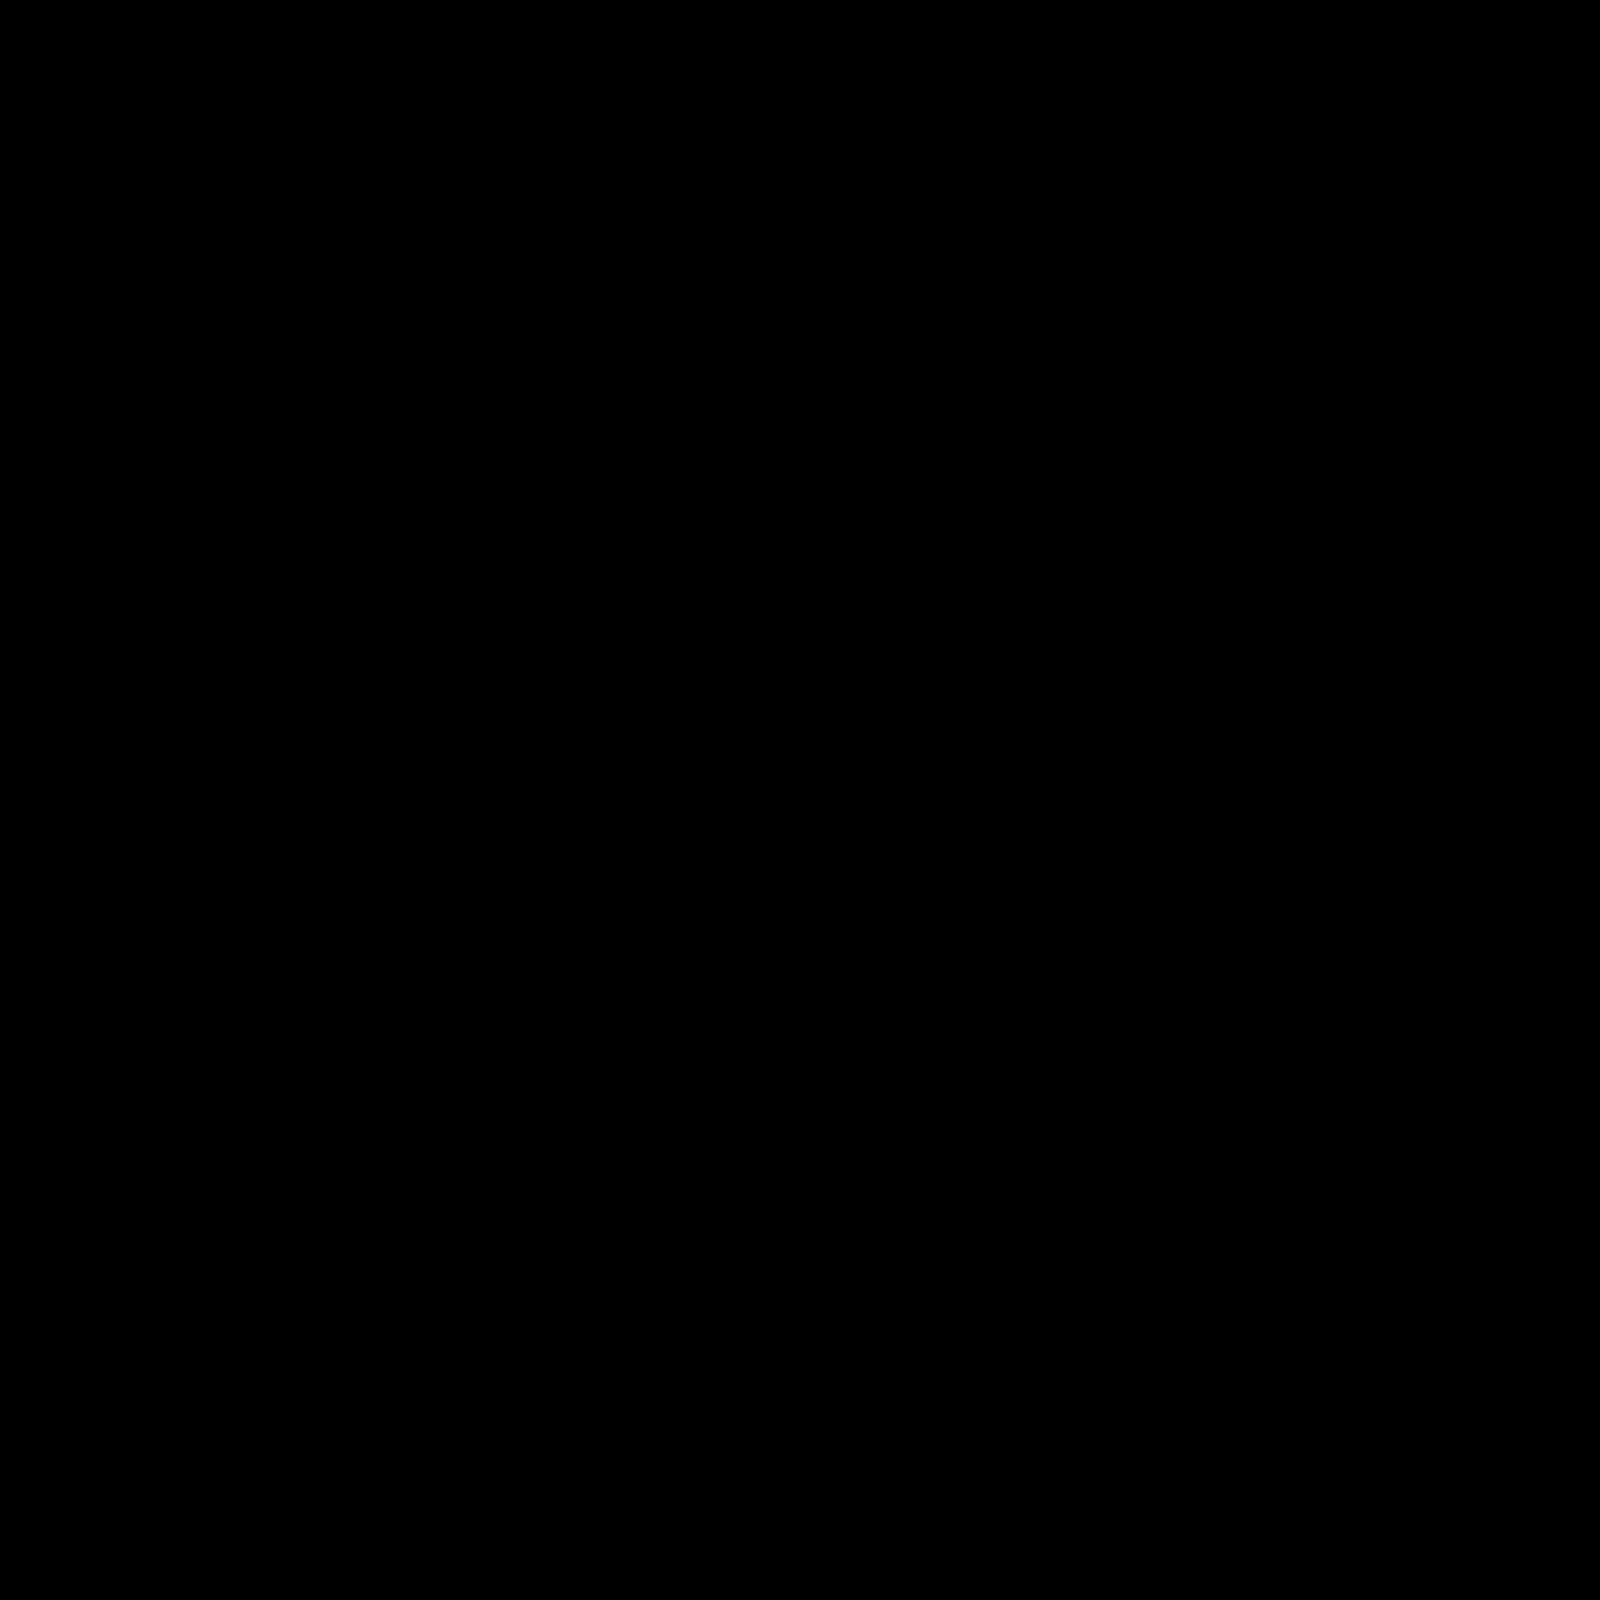 Mexican Hammock icon